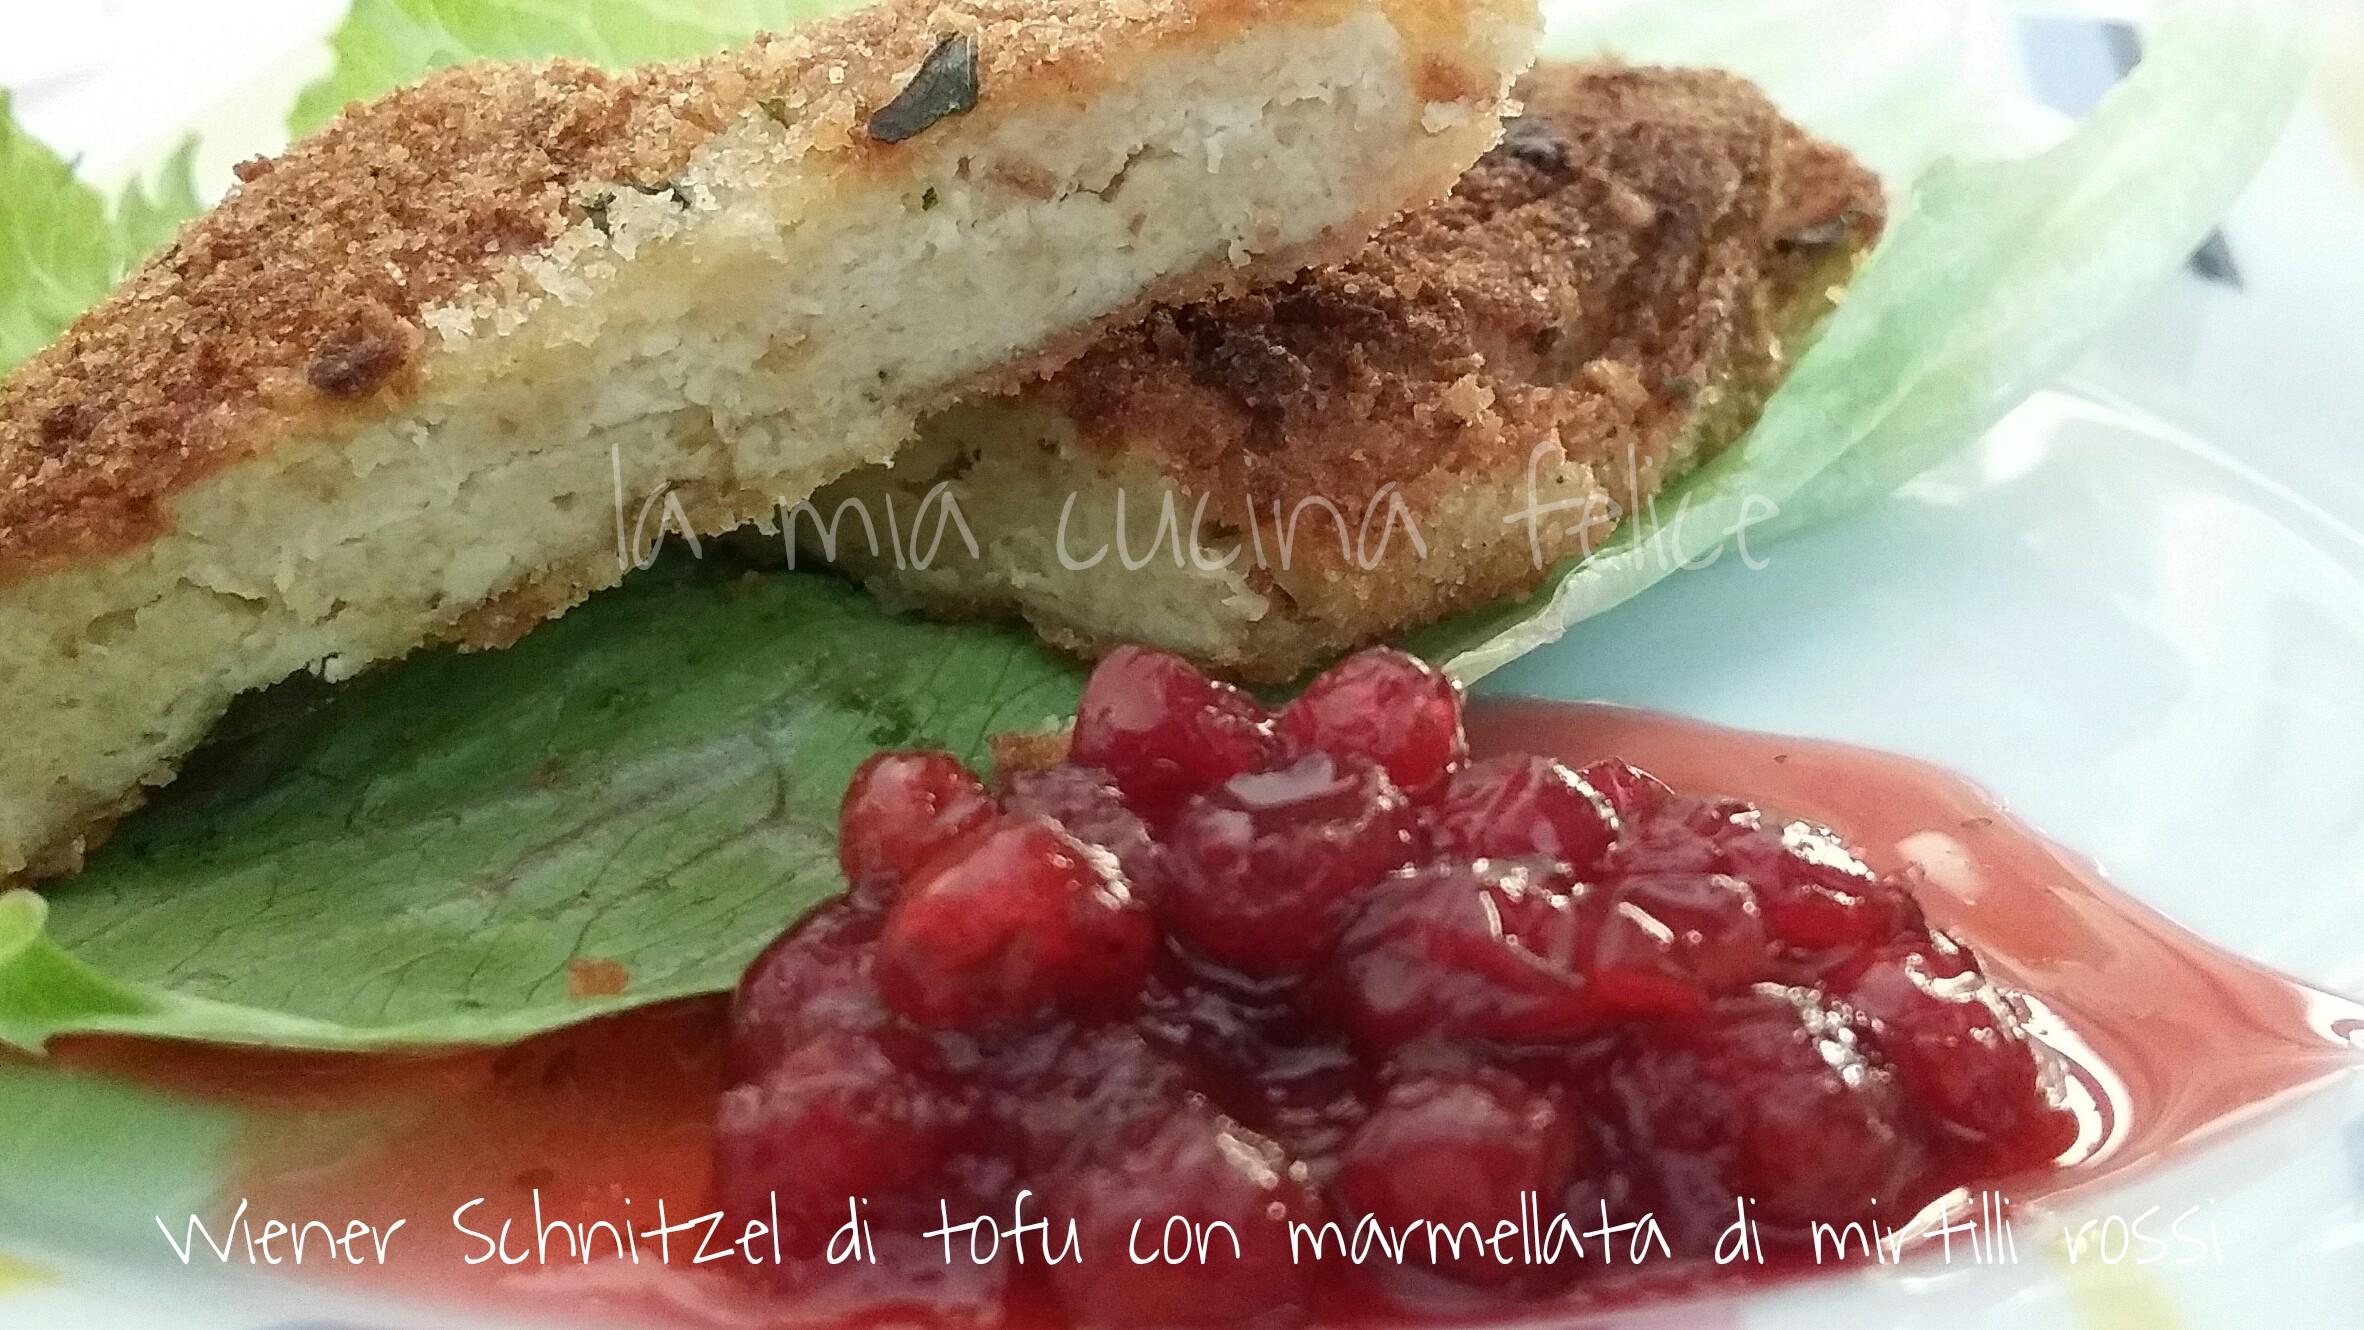 Wiener Schnitzel di tofu con marmellata di mirtilli rossi